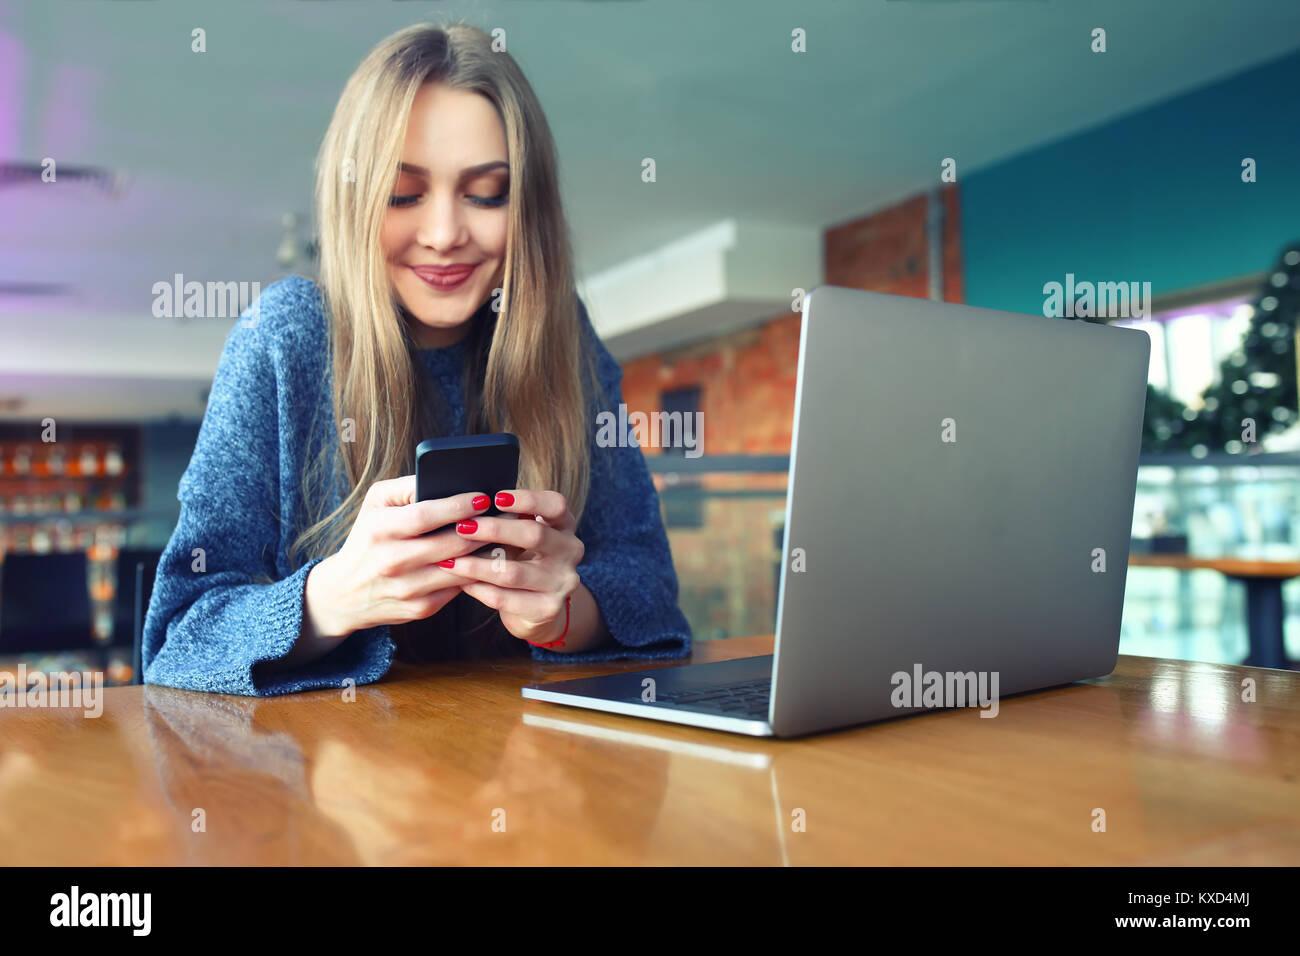 Femme saisissez du texte message sur smart phone dans un café. Jeune femme assise à une table avec un Photo Stock